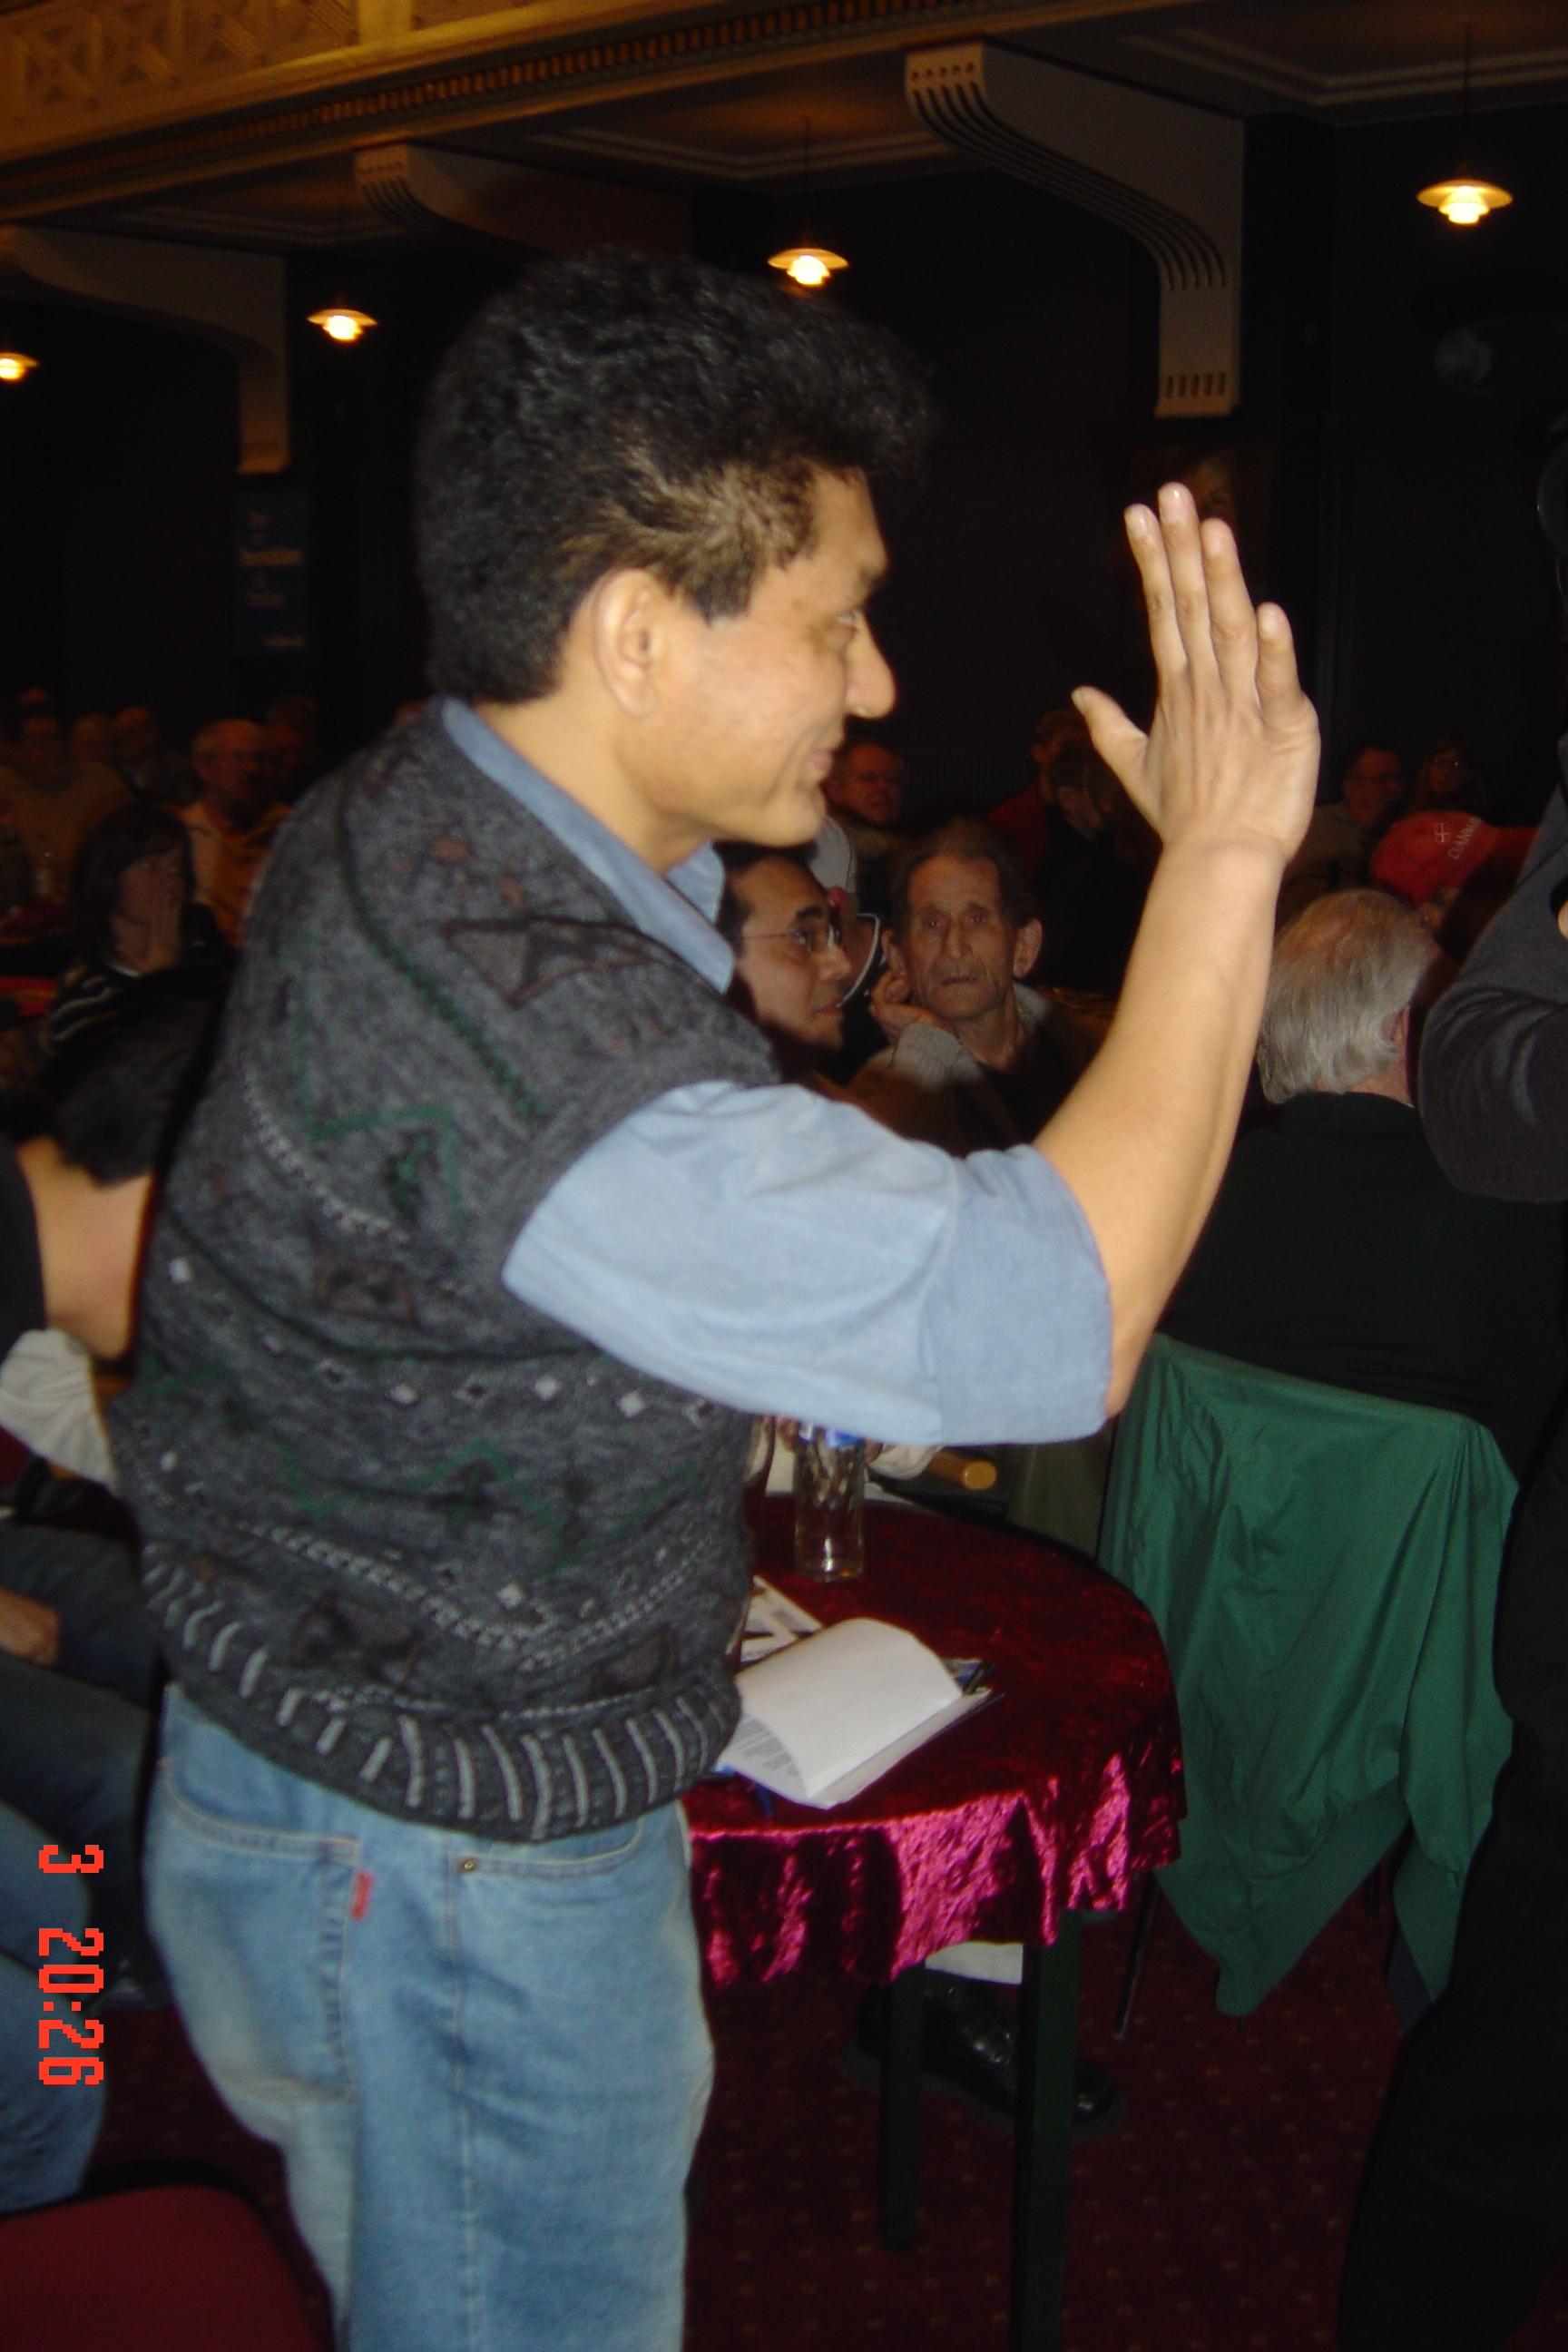 syriske børn danser